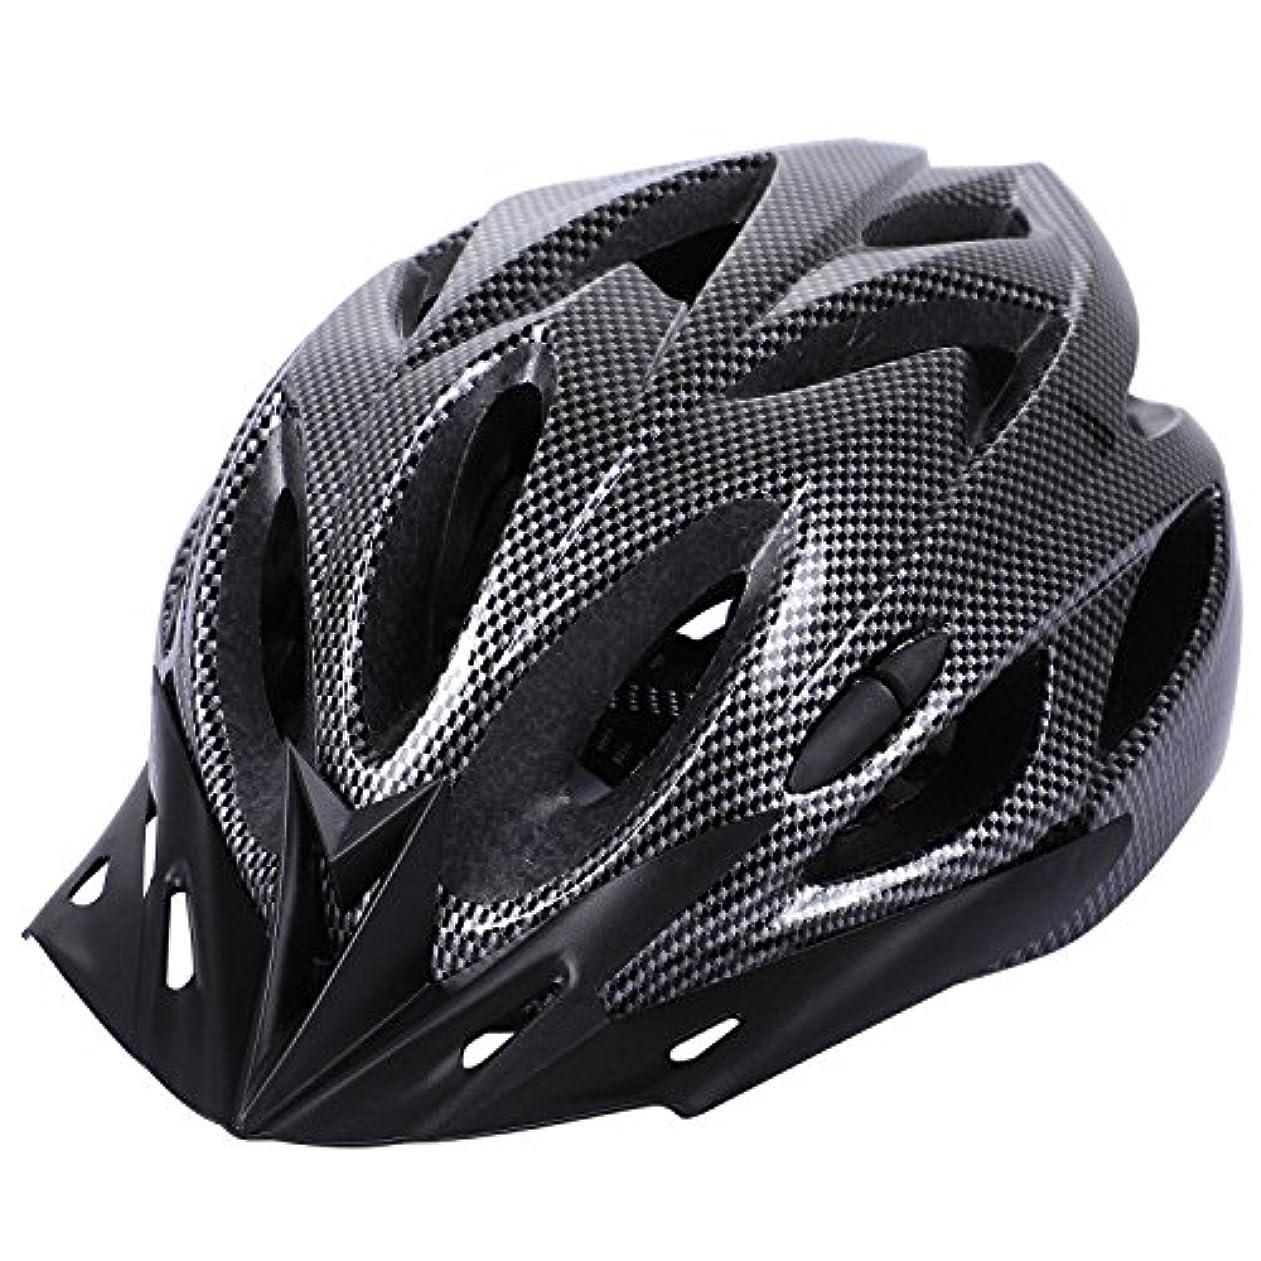 説教誘惑キリマンジャロGaoominy カーボン自転車ヘルメットバイクMTBサイクリング大人調節可能なユニセックス安全ヘルメット